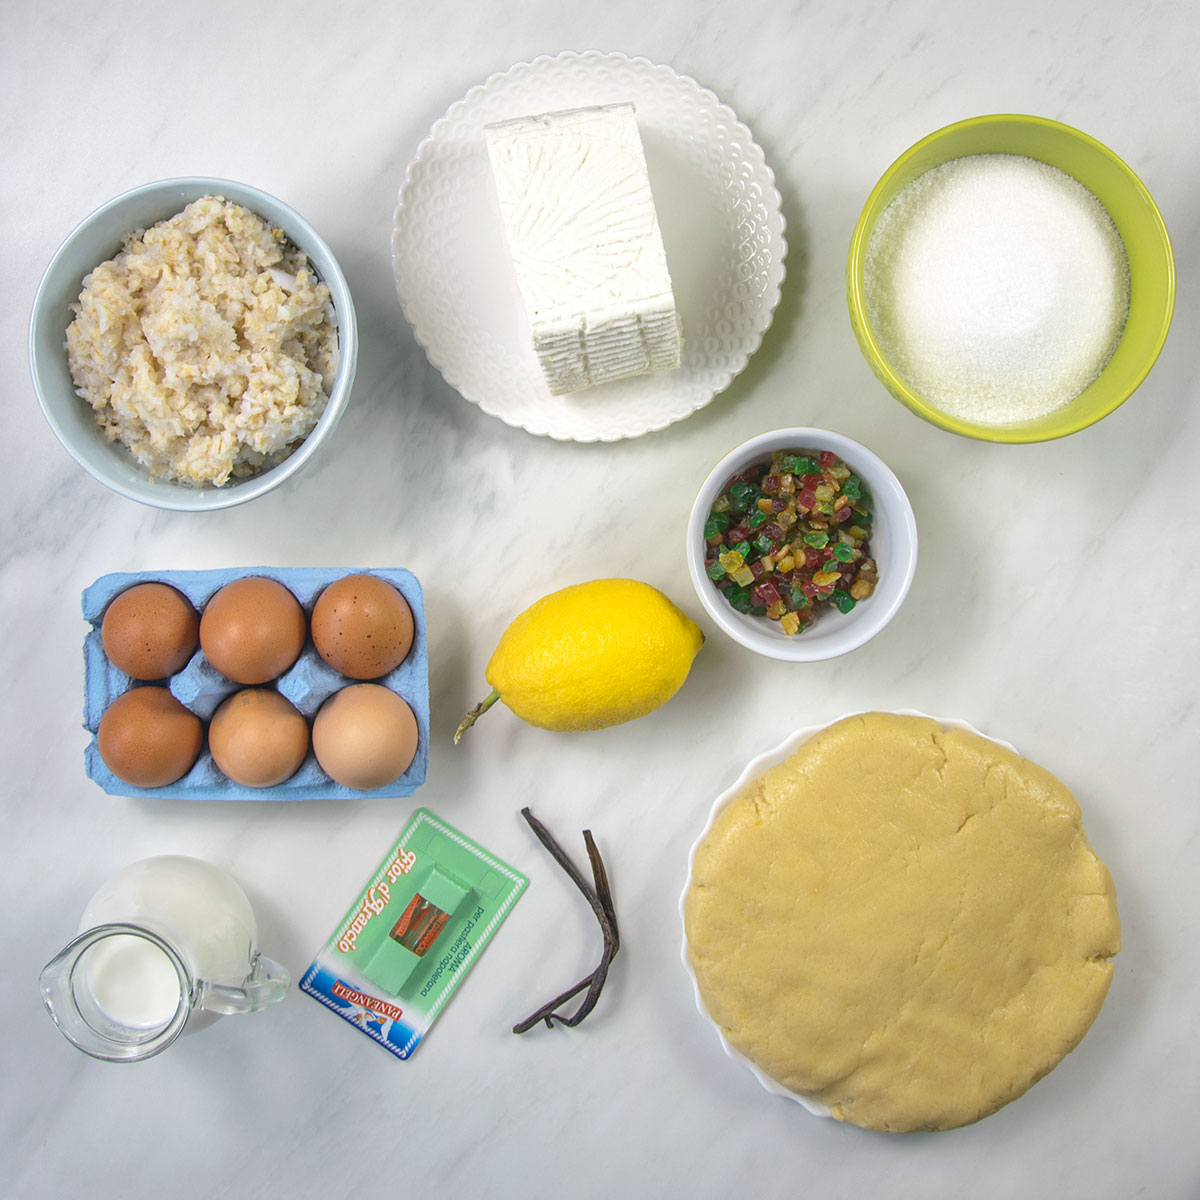 pastiera_napoletana_ingredienti